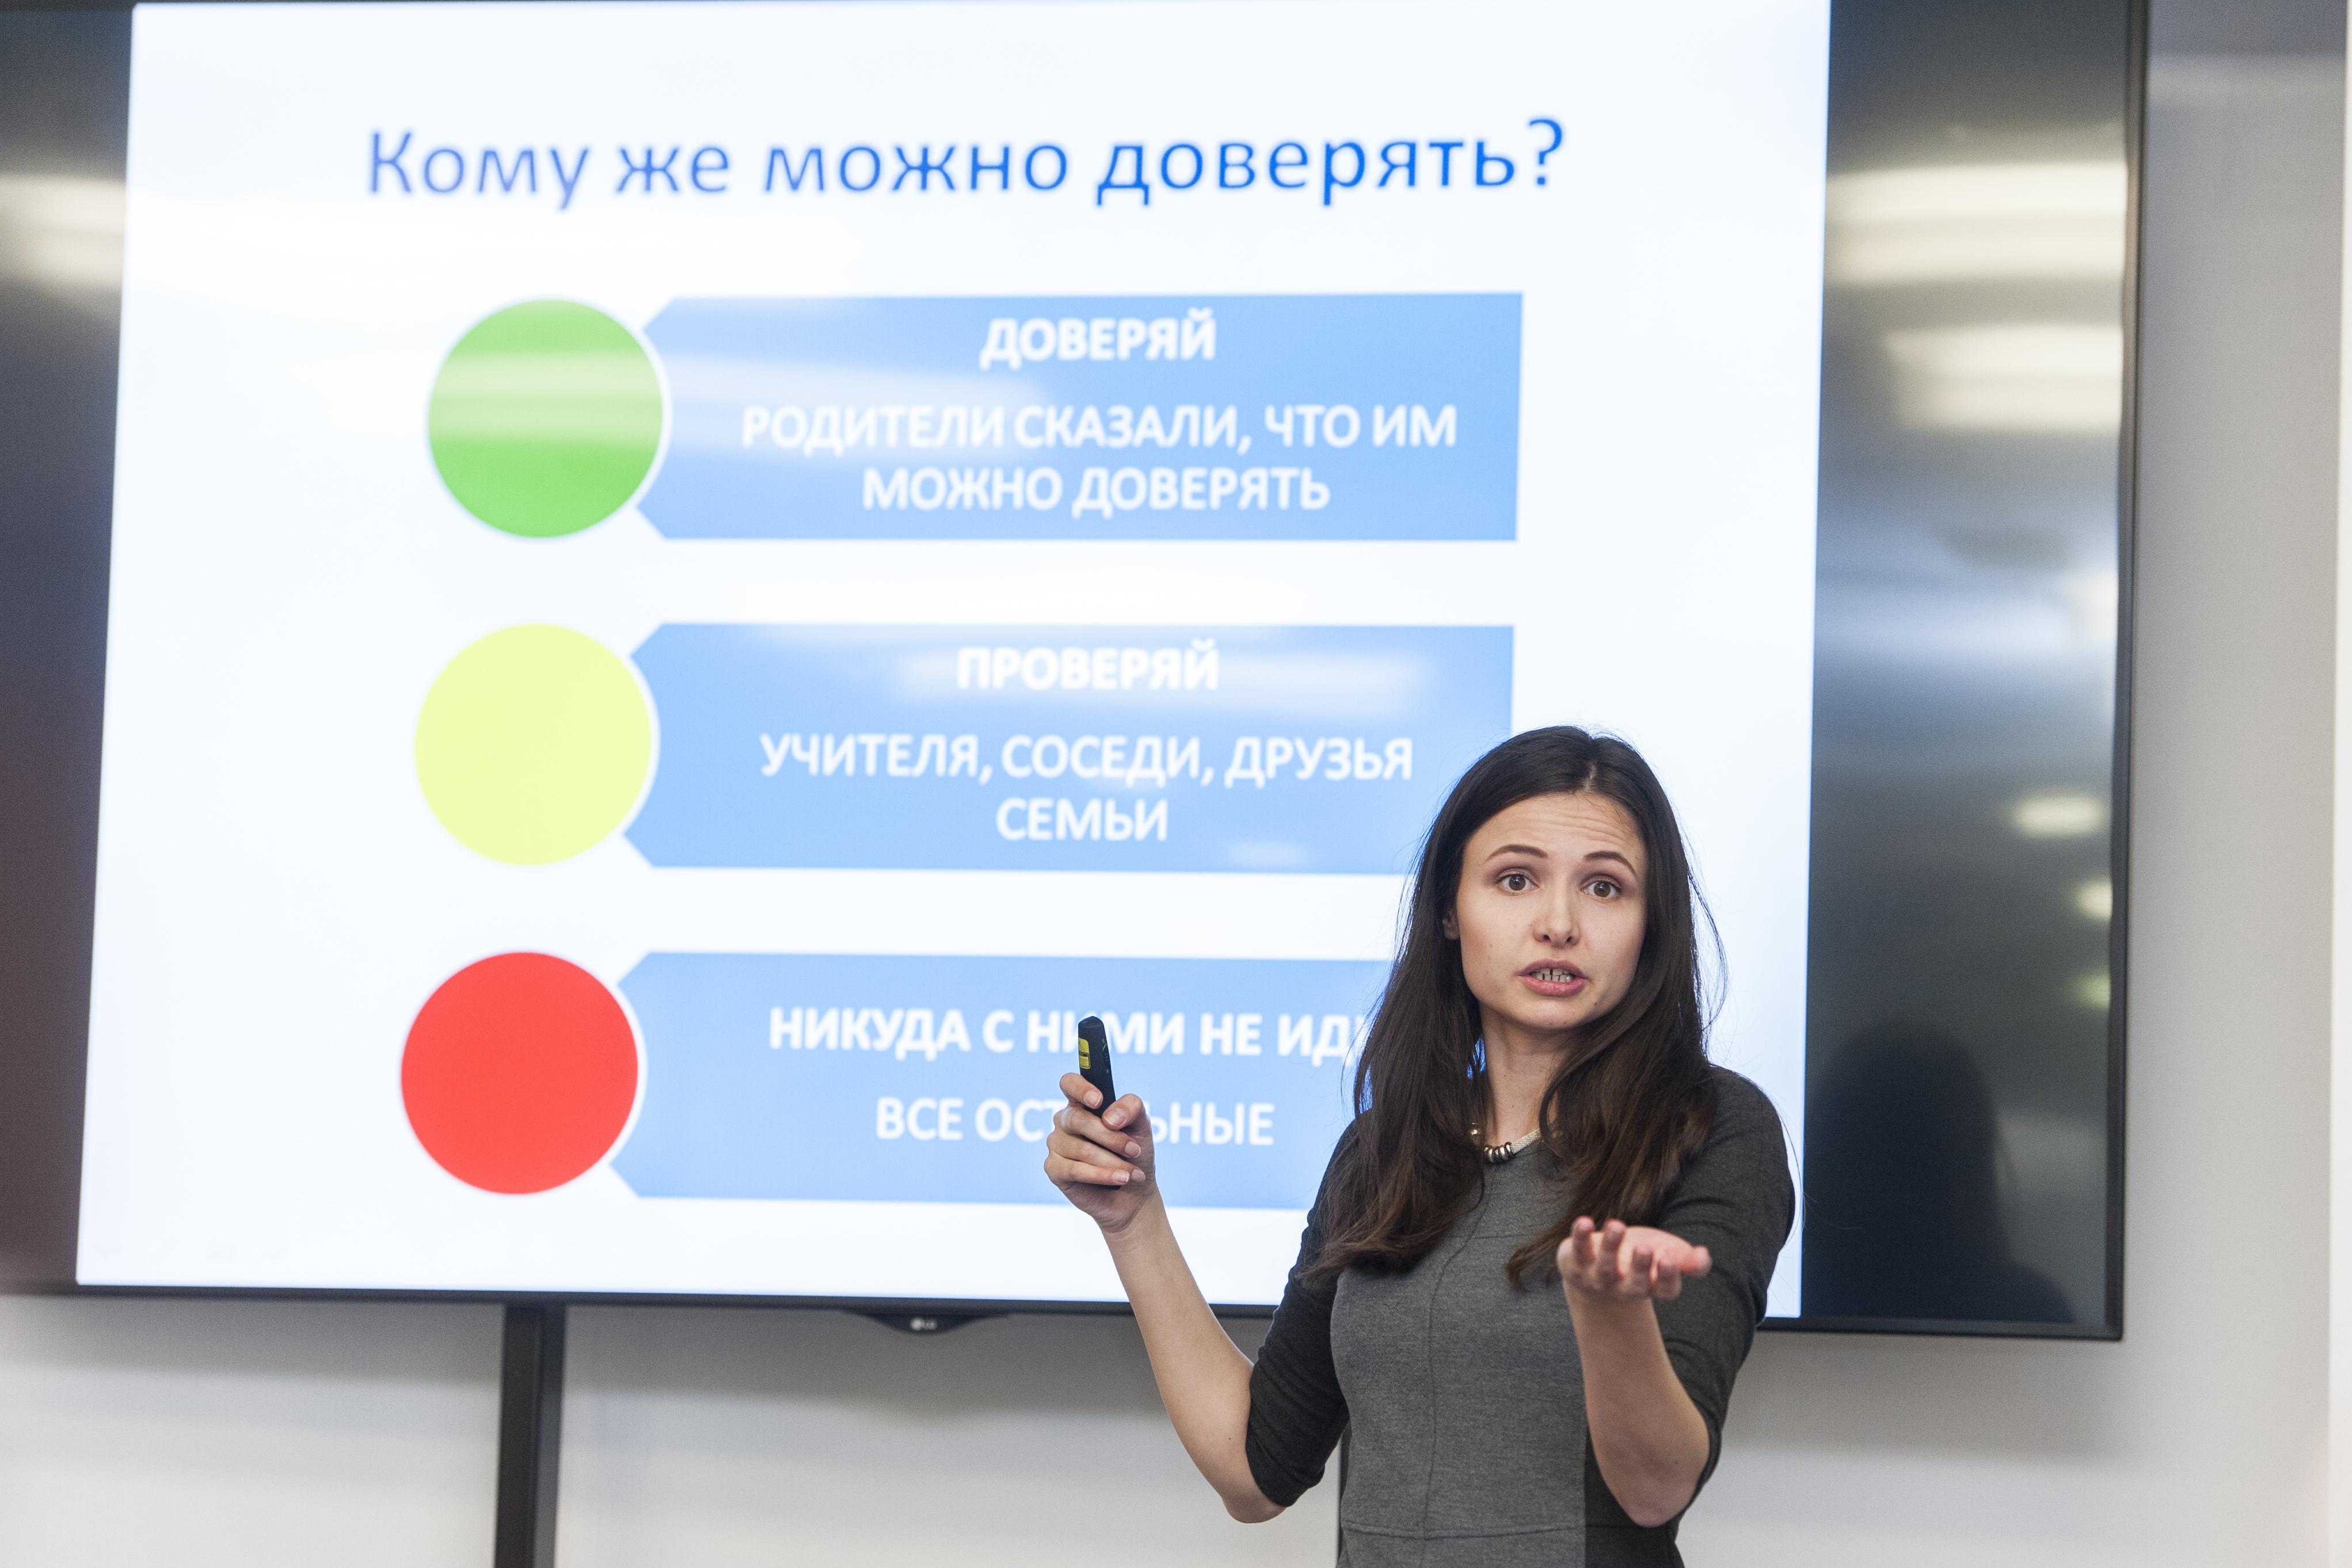 Анна Носач тренинги по безопасности для детей